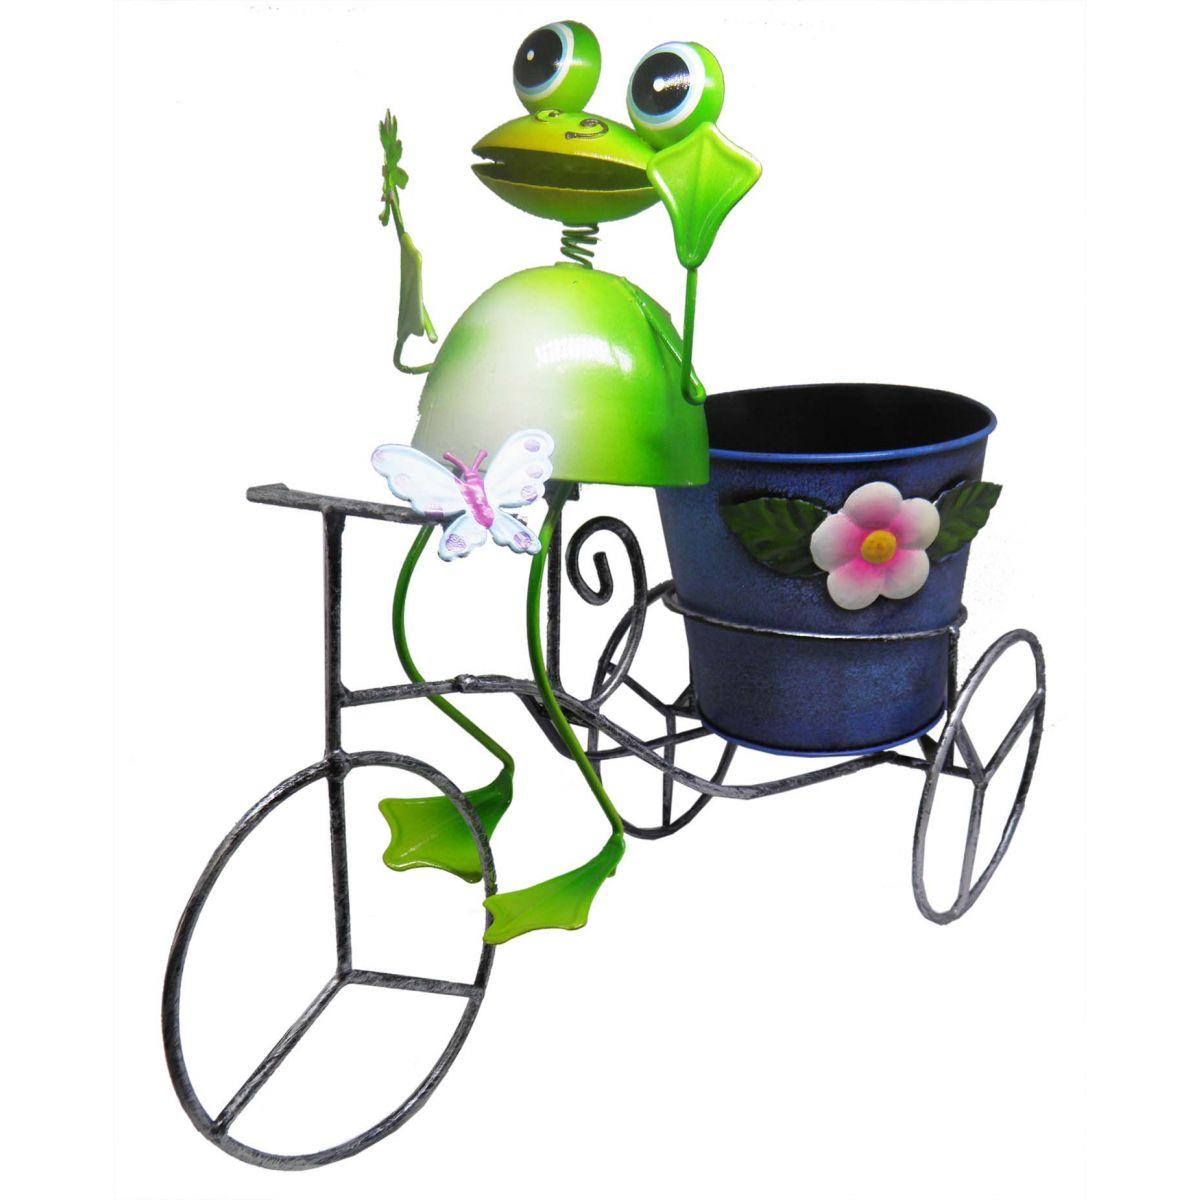 Sapo Bicicleta De Ferro Para Enfeite e Decoraçao Jardim e Flores (BON-P-14)